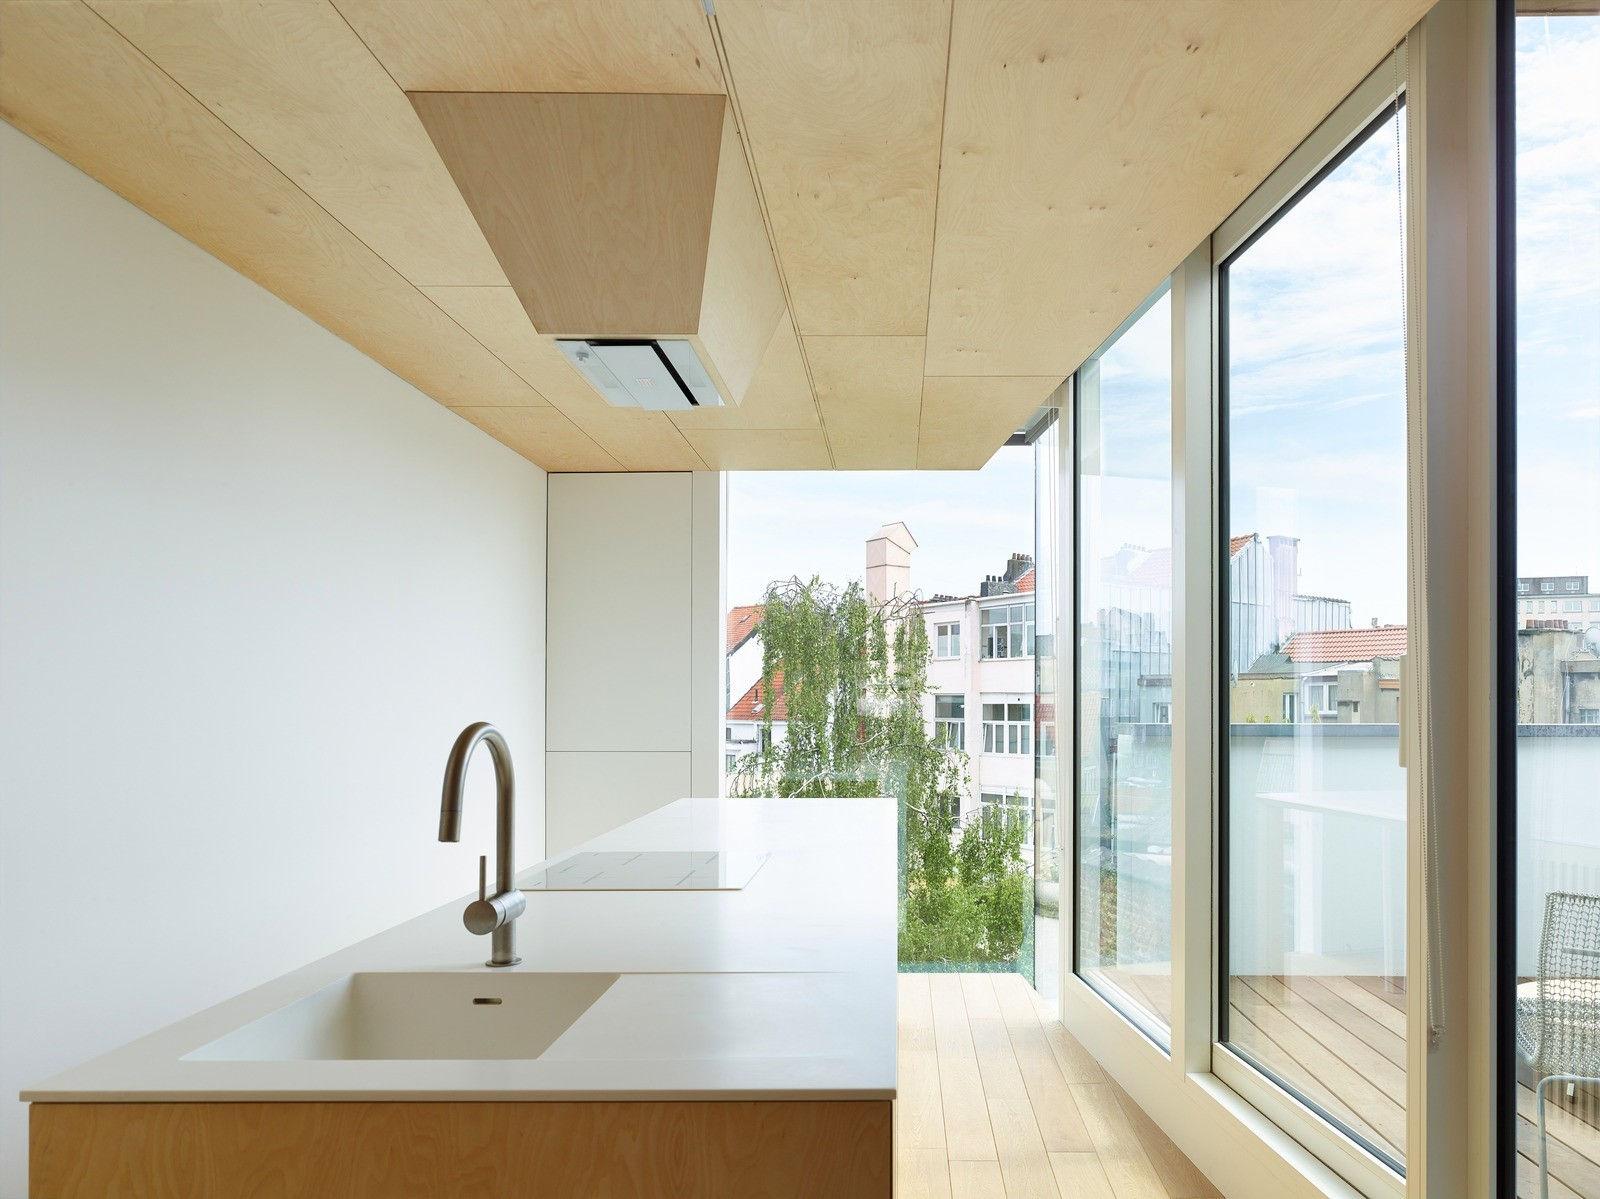 House-in-Belgium-just3ds.com-5